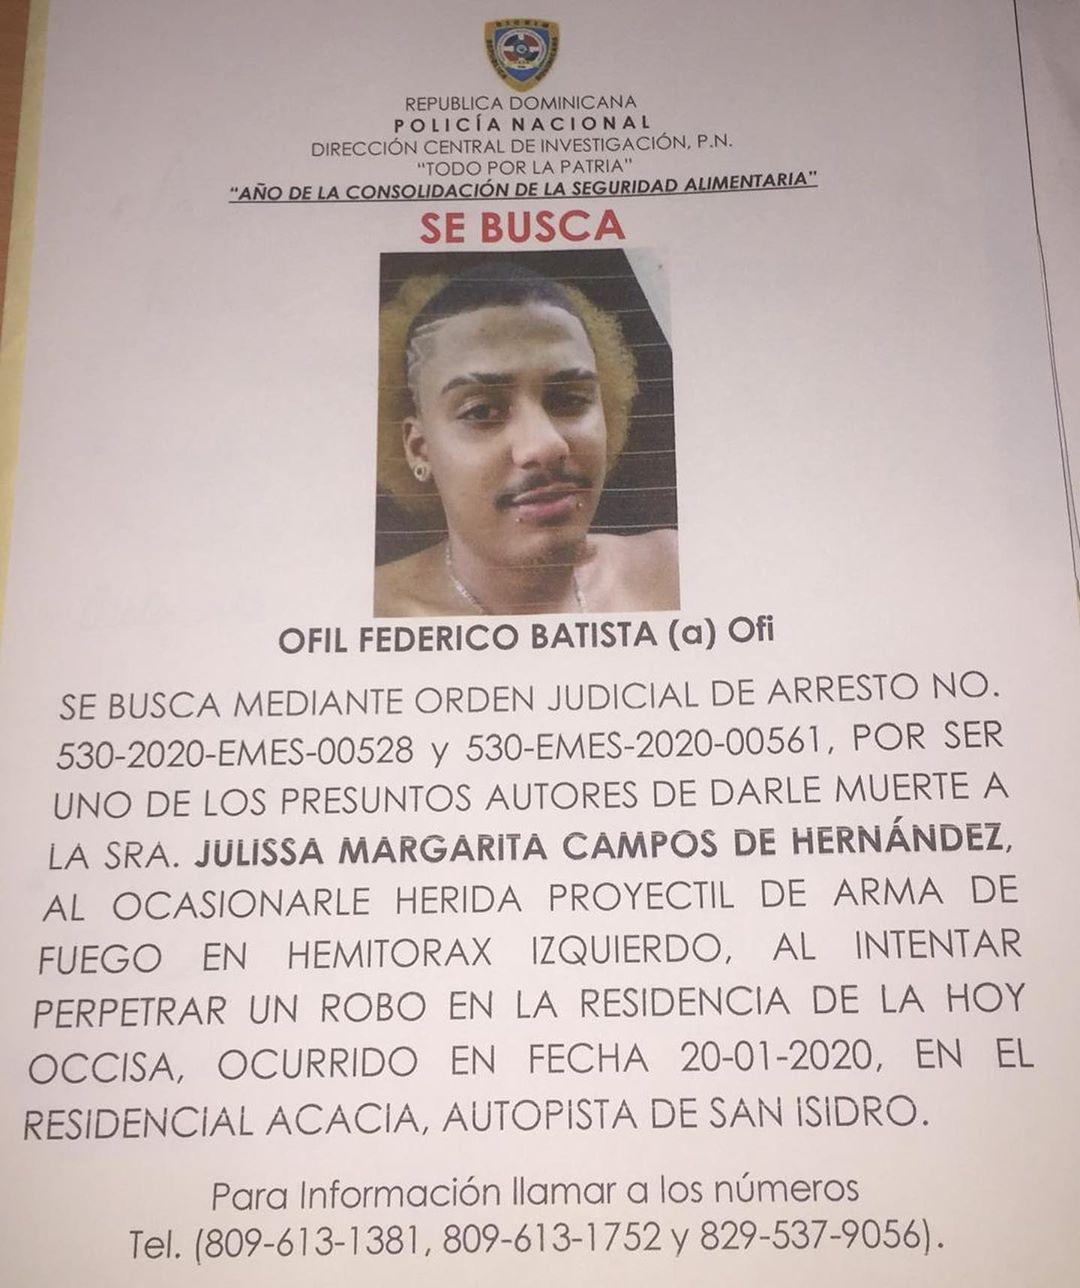 Ofil Federico Batista Ofi